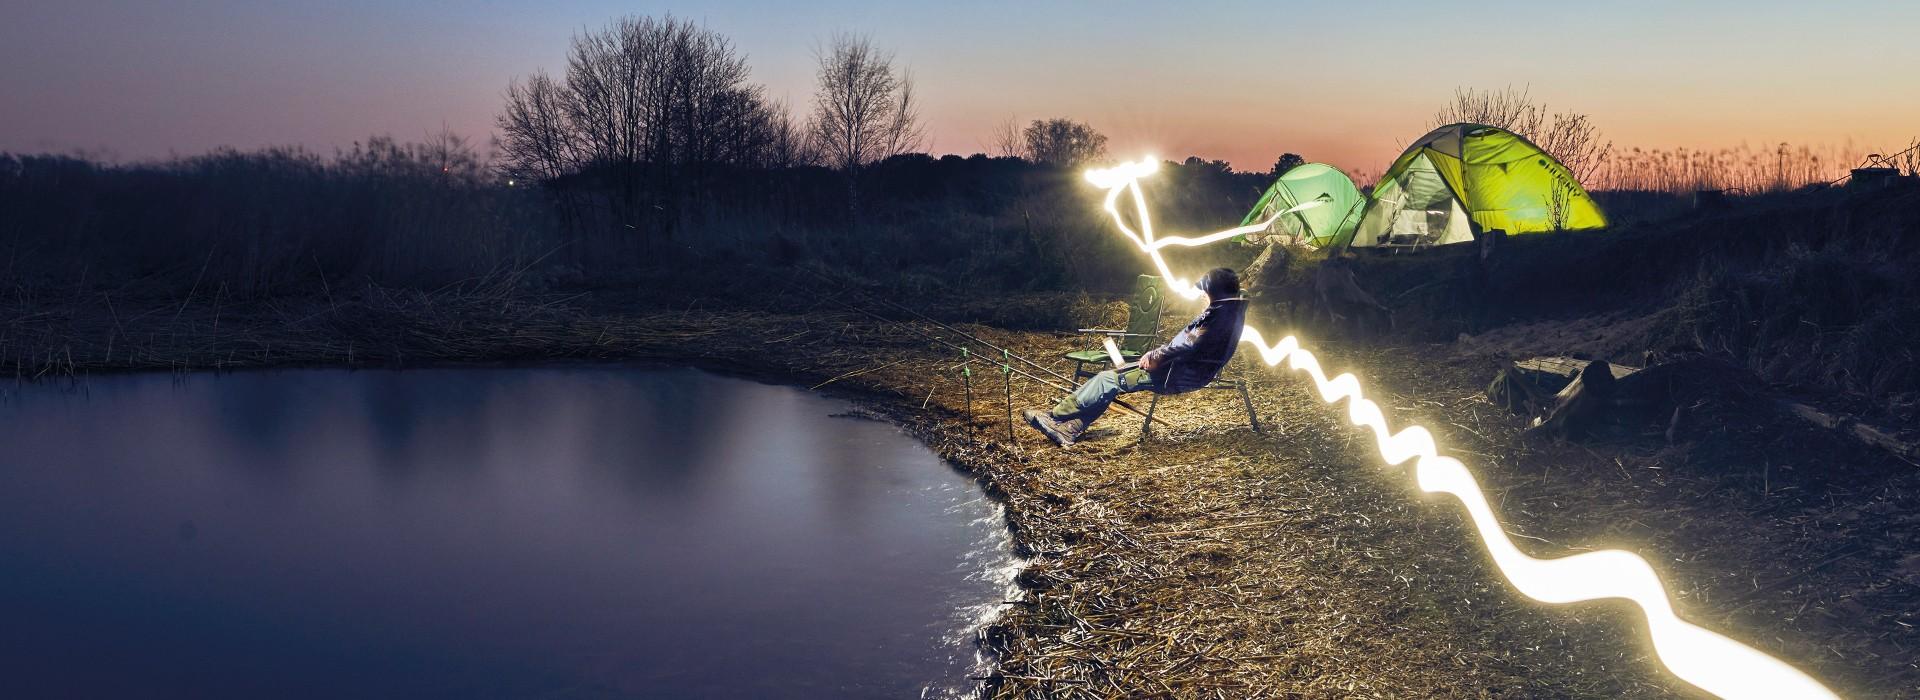 Deeper Power LanternCreëer wat licht in het donker tijdens het vissen